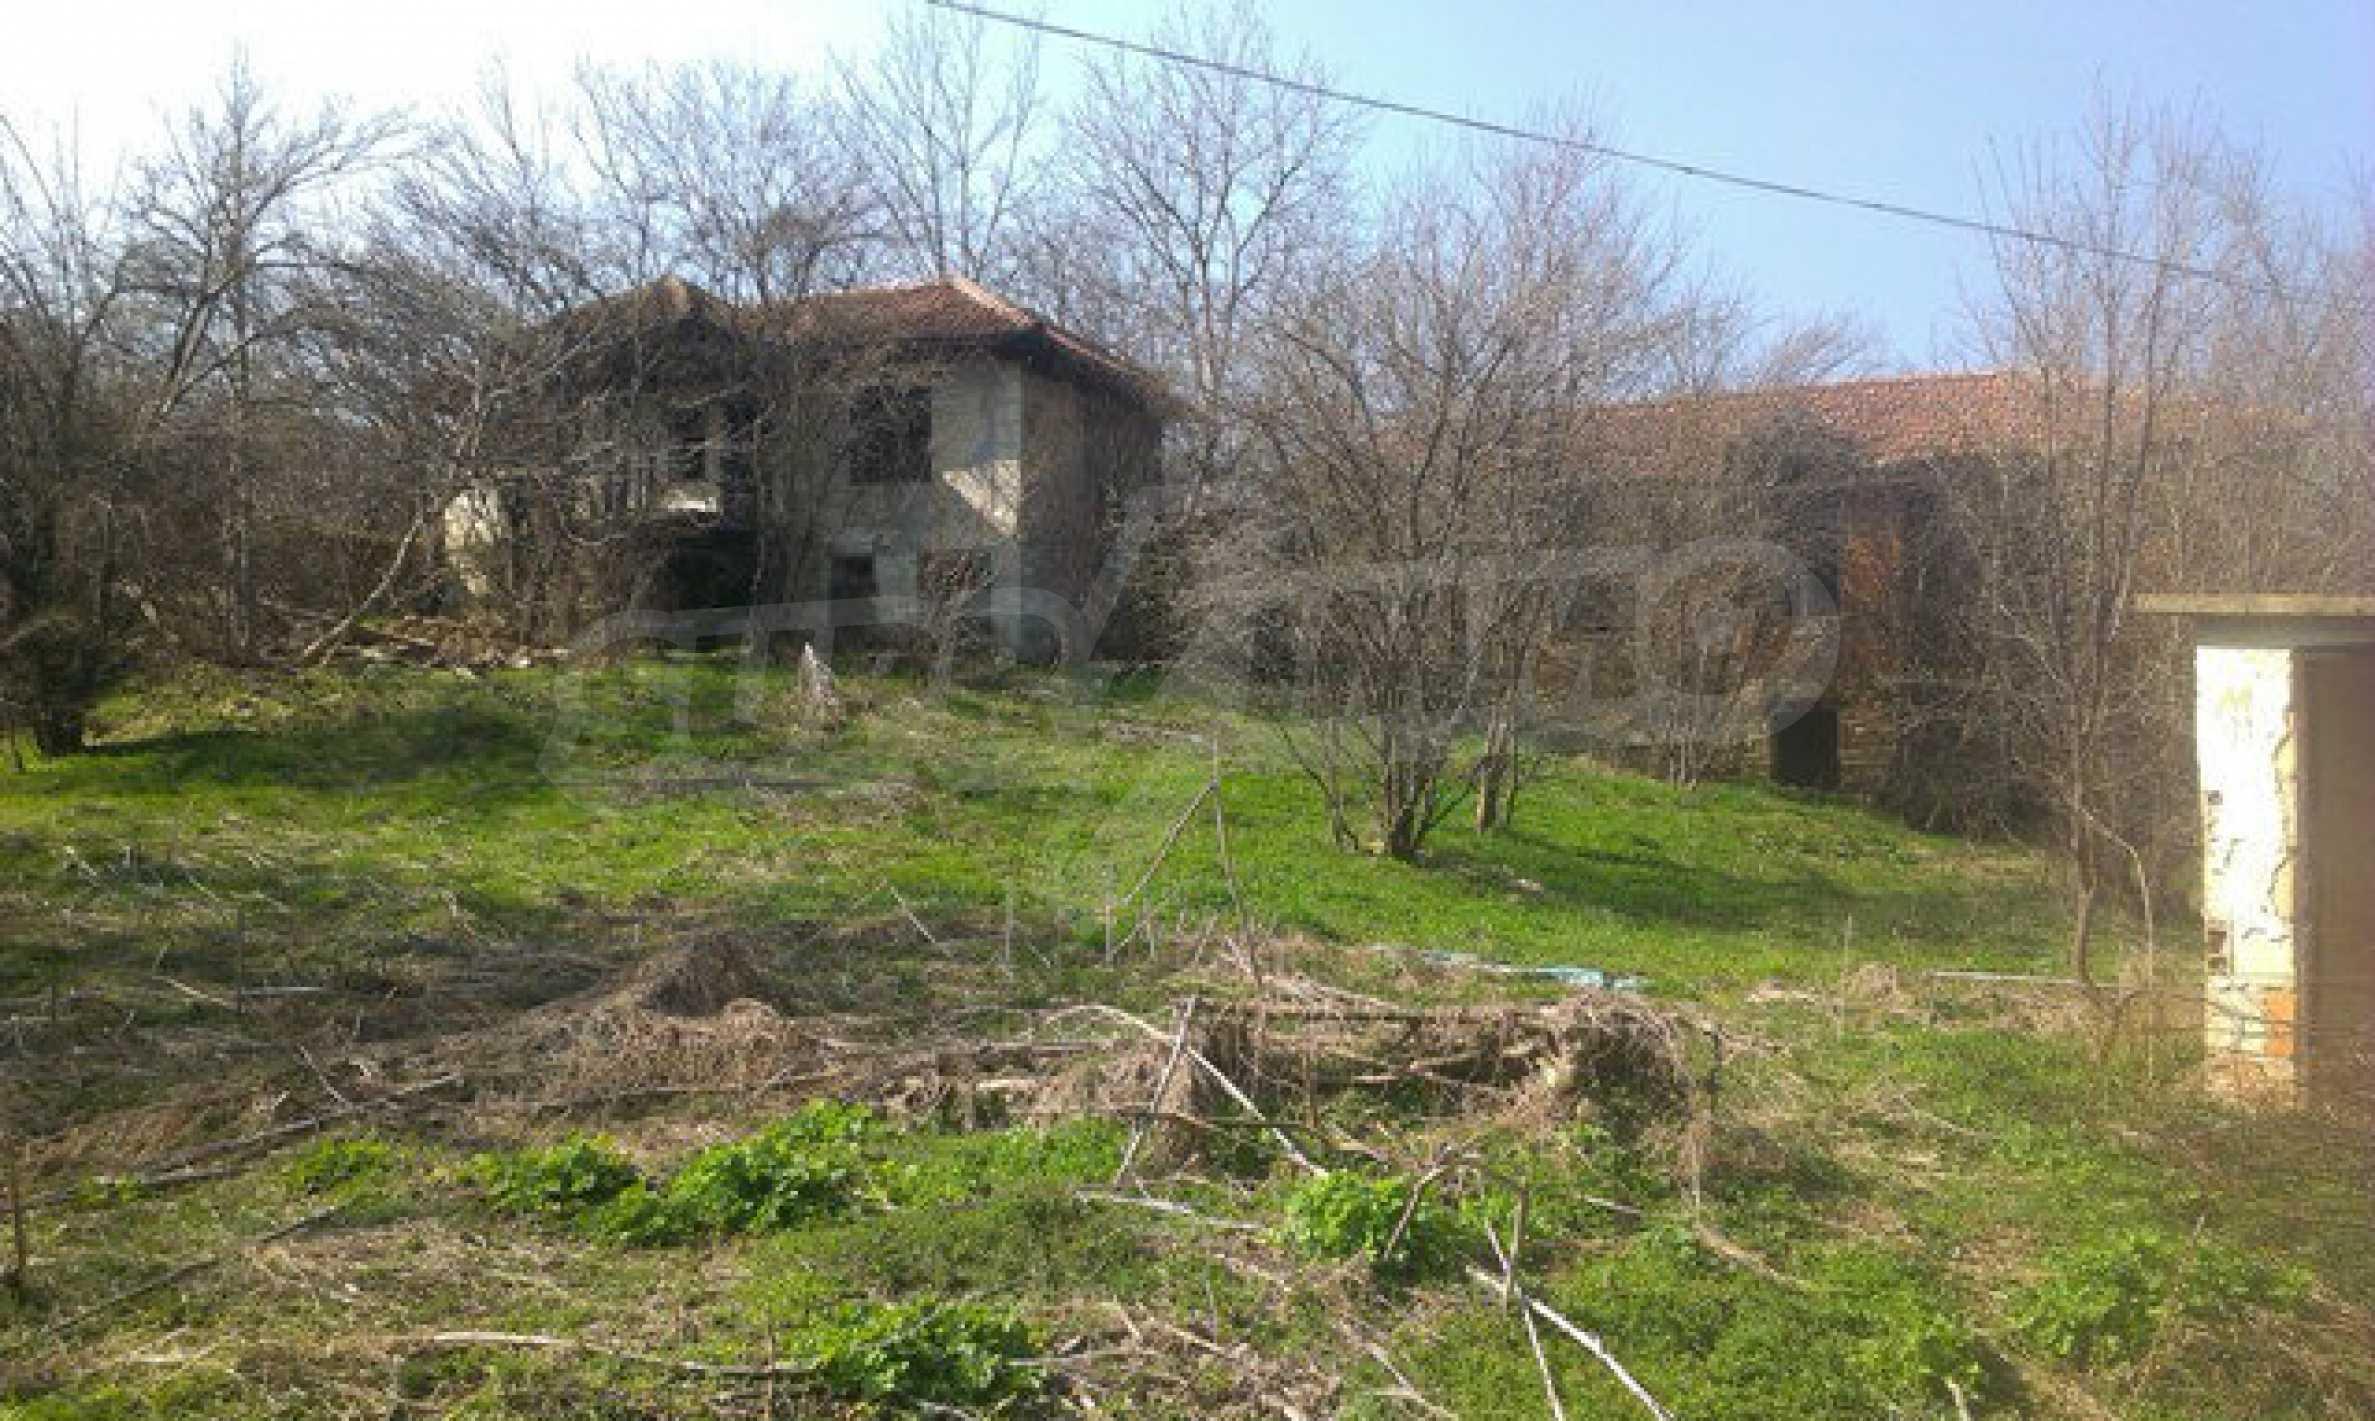 Недвижимость болгария цены самое дешевое жилье в дубае